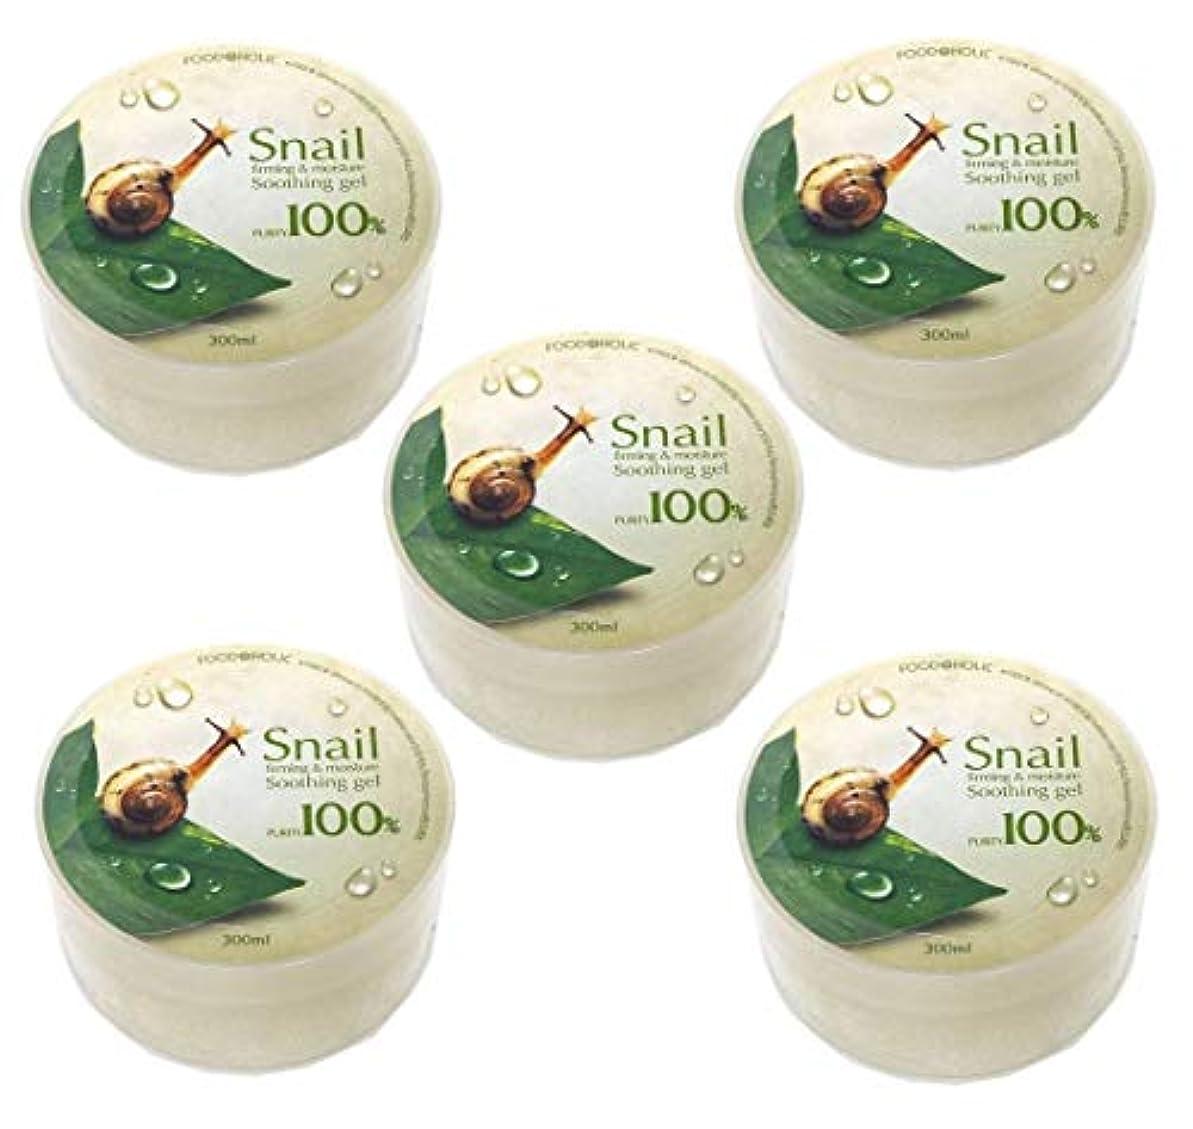 考え入手しますお風呂[Food A Holic] スネイルファーミング&水分スージングジェル300ml X 5ea / Snail Firming & moisture Soothing Gel 300ml X 5ea / 純度97% /...